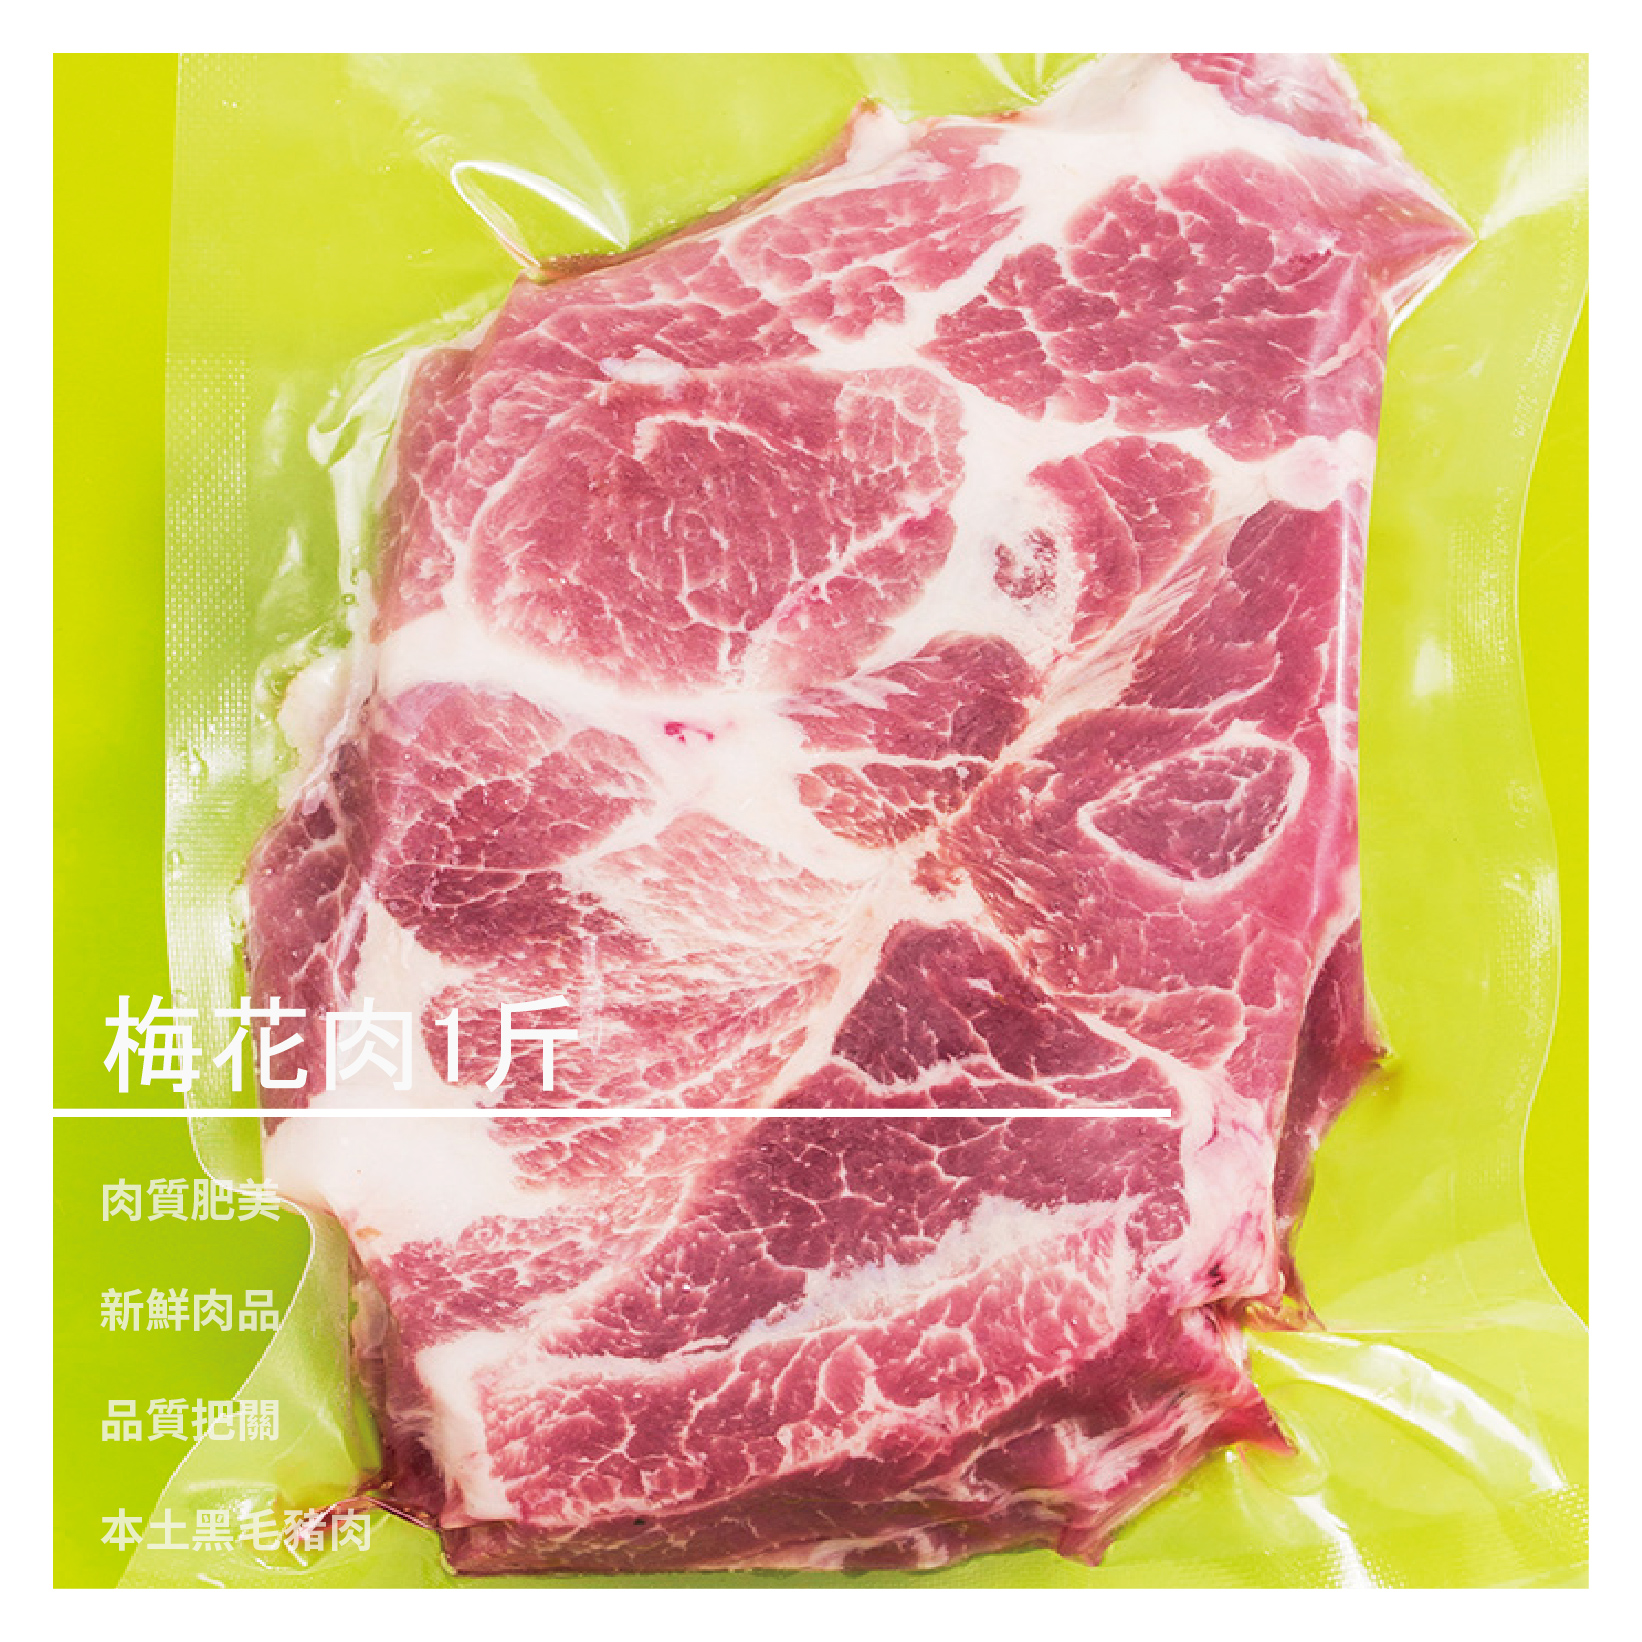 【三芝肉品】梅花肉一斤